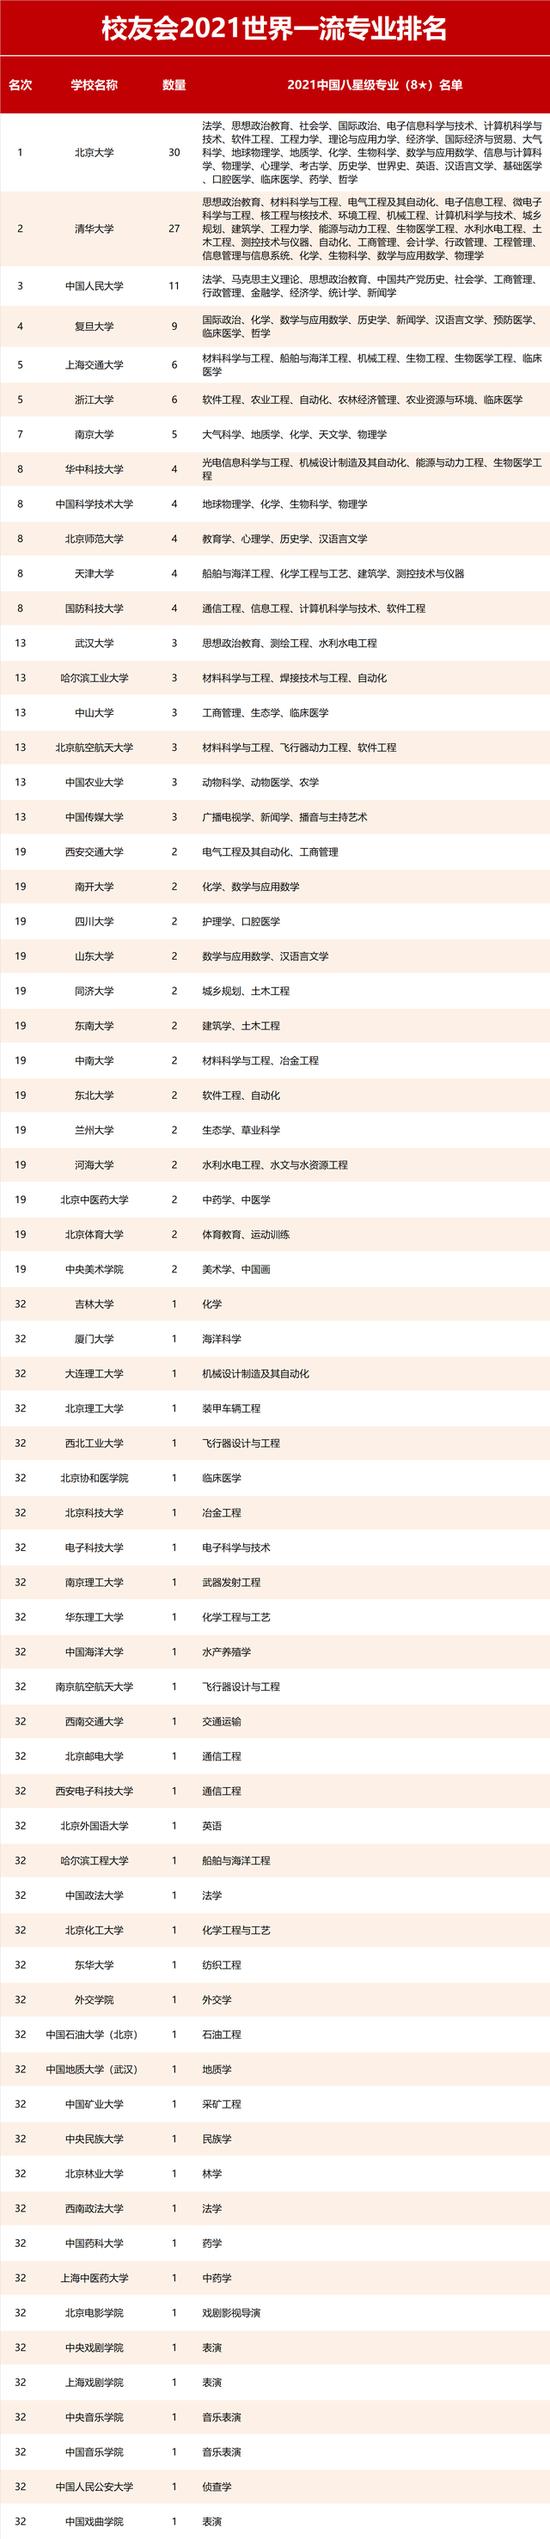 2021年校友会中国大学一流专业排名发布